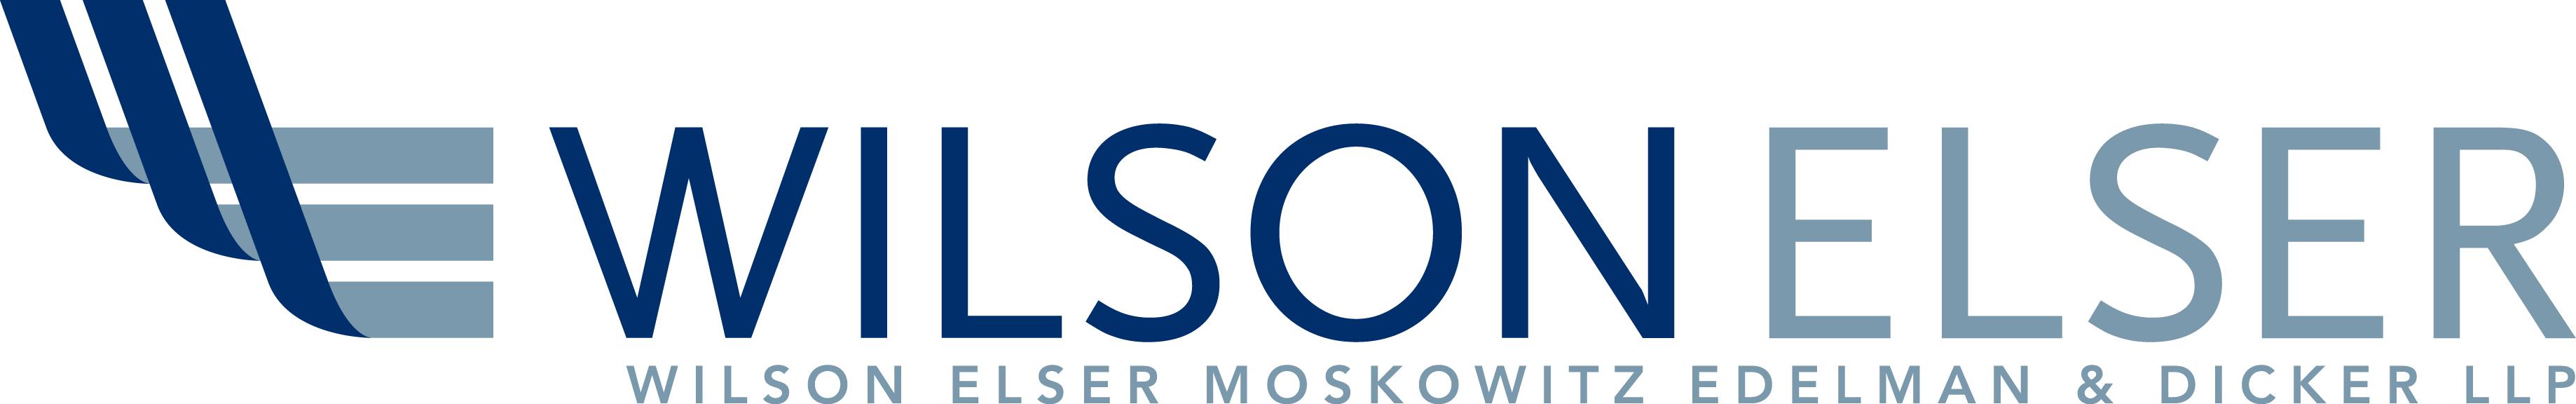 Wilsonelser logo rgb 300ppi